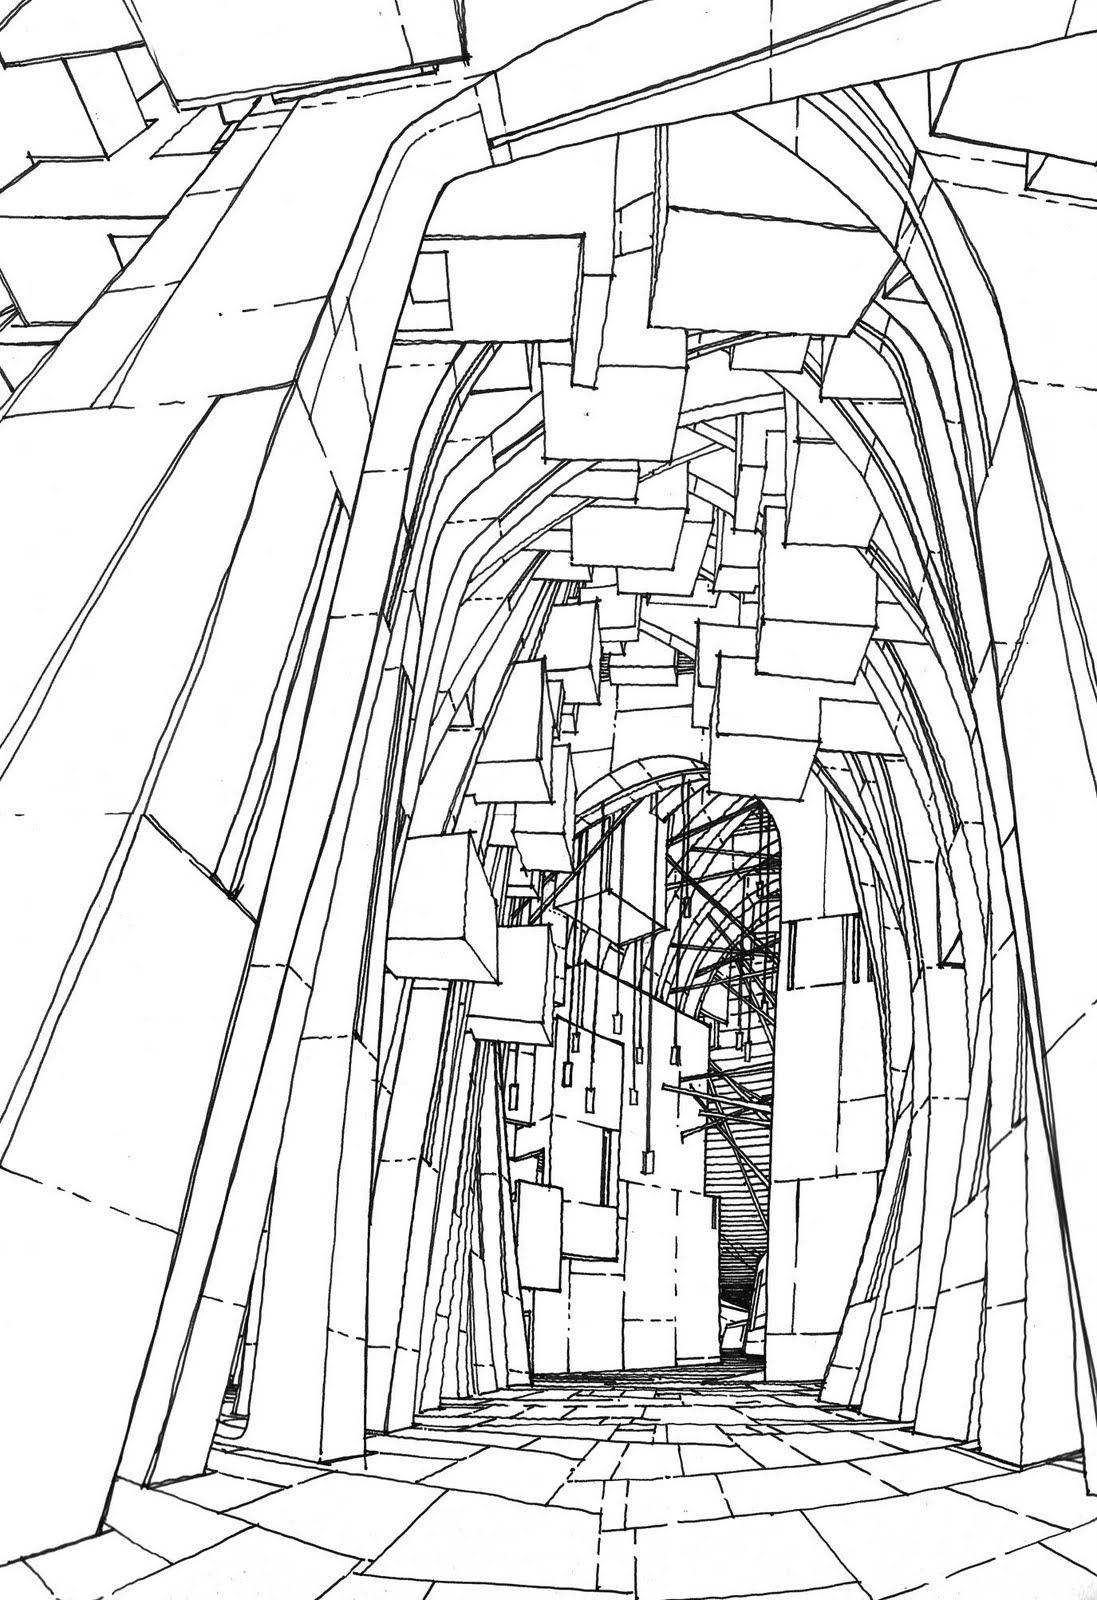 Imaginary Jerusalem Drawing By Stefan Davidov